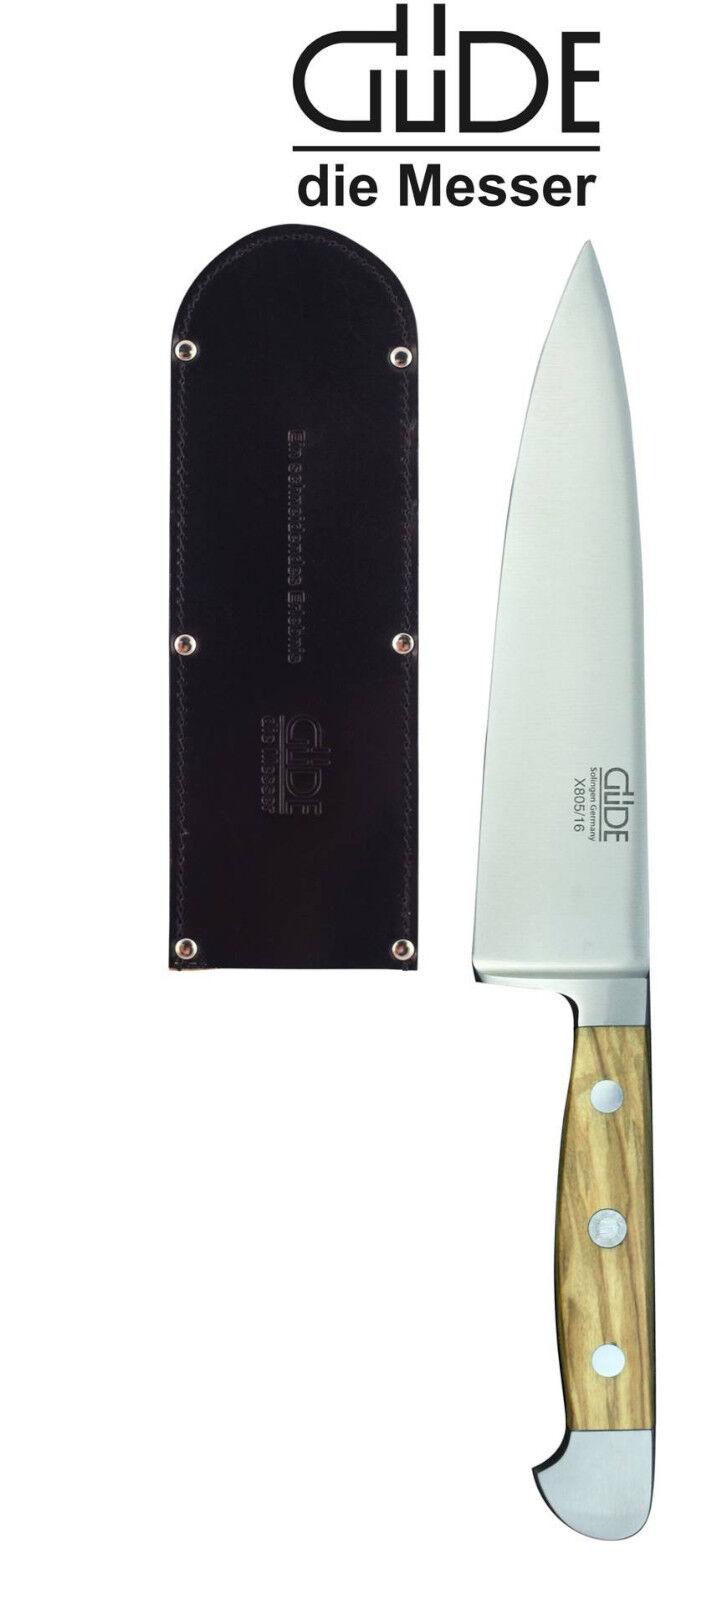 Güde couteau Solingen 16 cm, série ALPHA-Olive x805 16 avec couteau fourreau NEUF